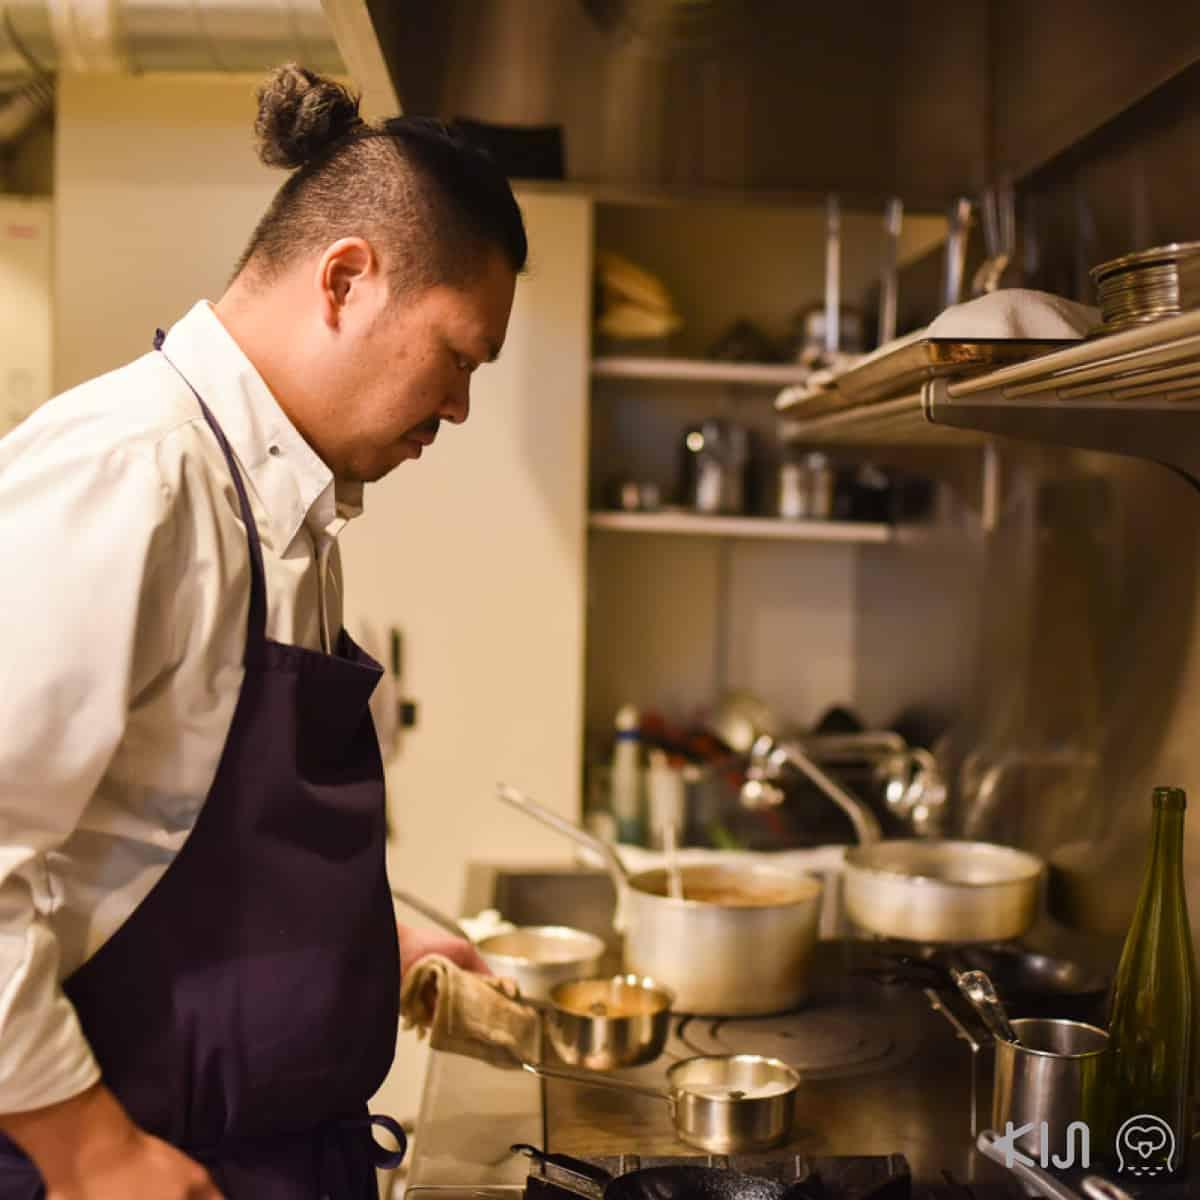 ฮิโระโนะริ ซาโต้' (Hironori Sato) ผู้เป็นทั้งเชฟและเจ้าของร้าน Méli Mélo